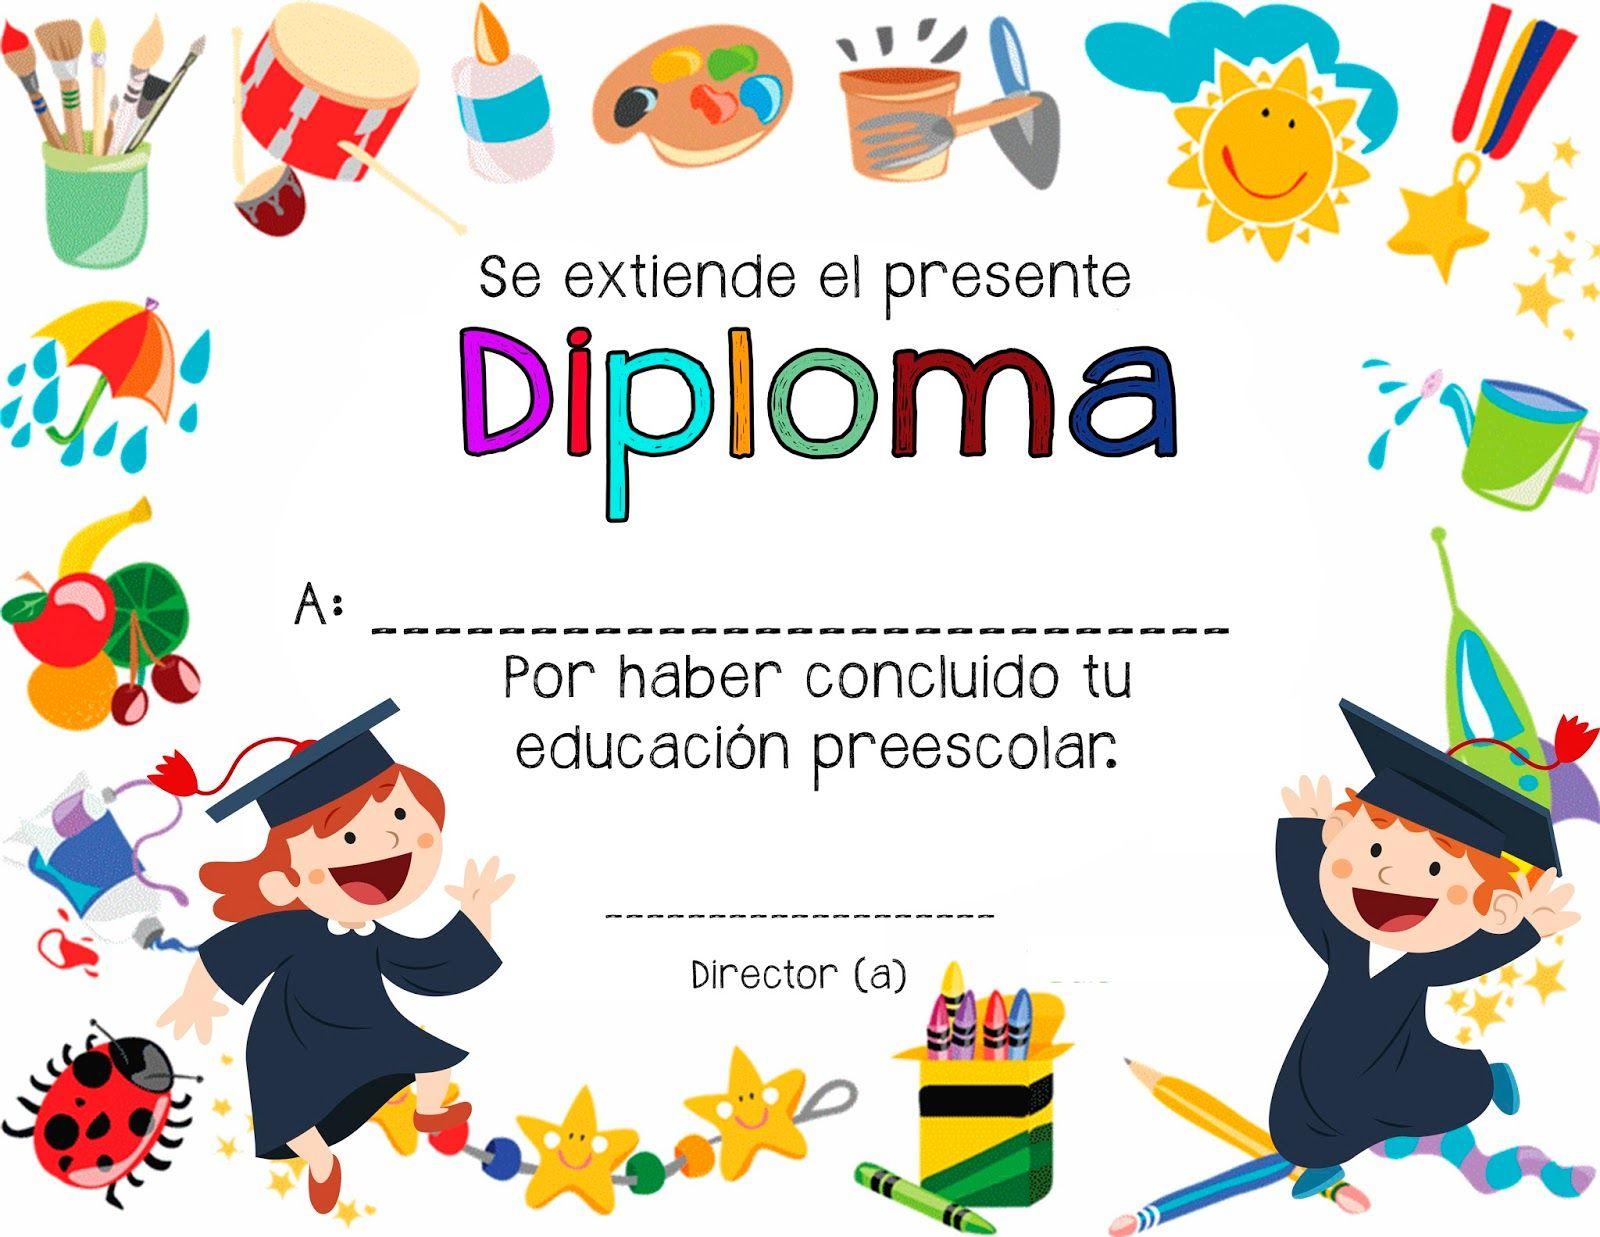 educacin preescolar 7 diplomas para culminacin de estudios preescolares